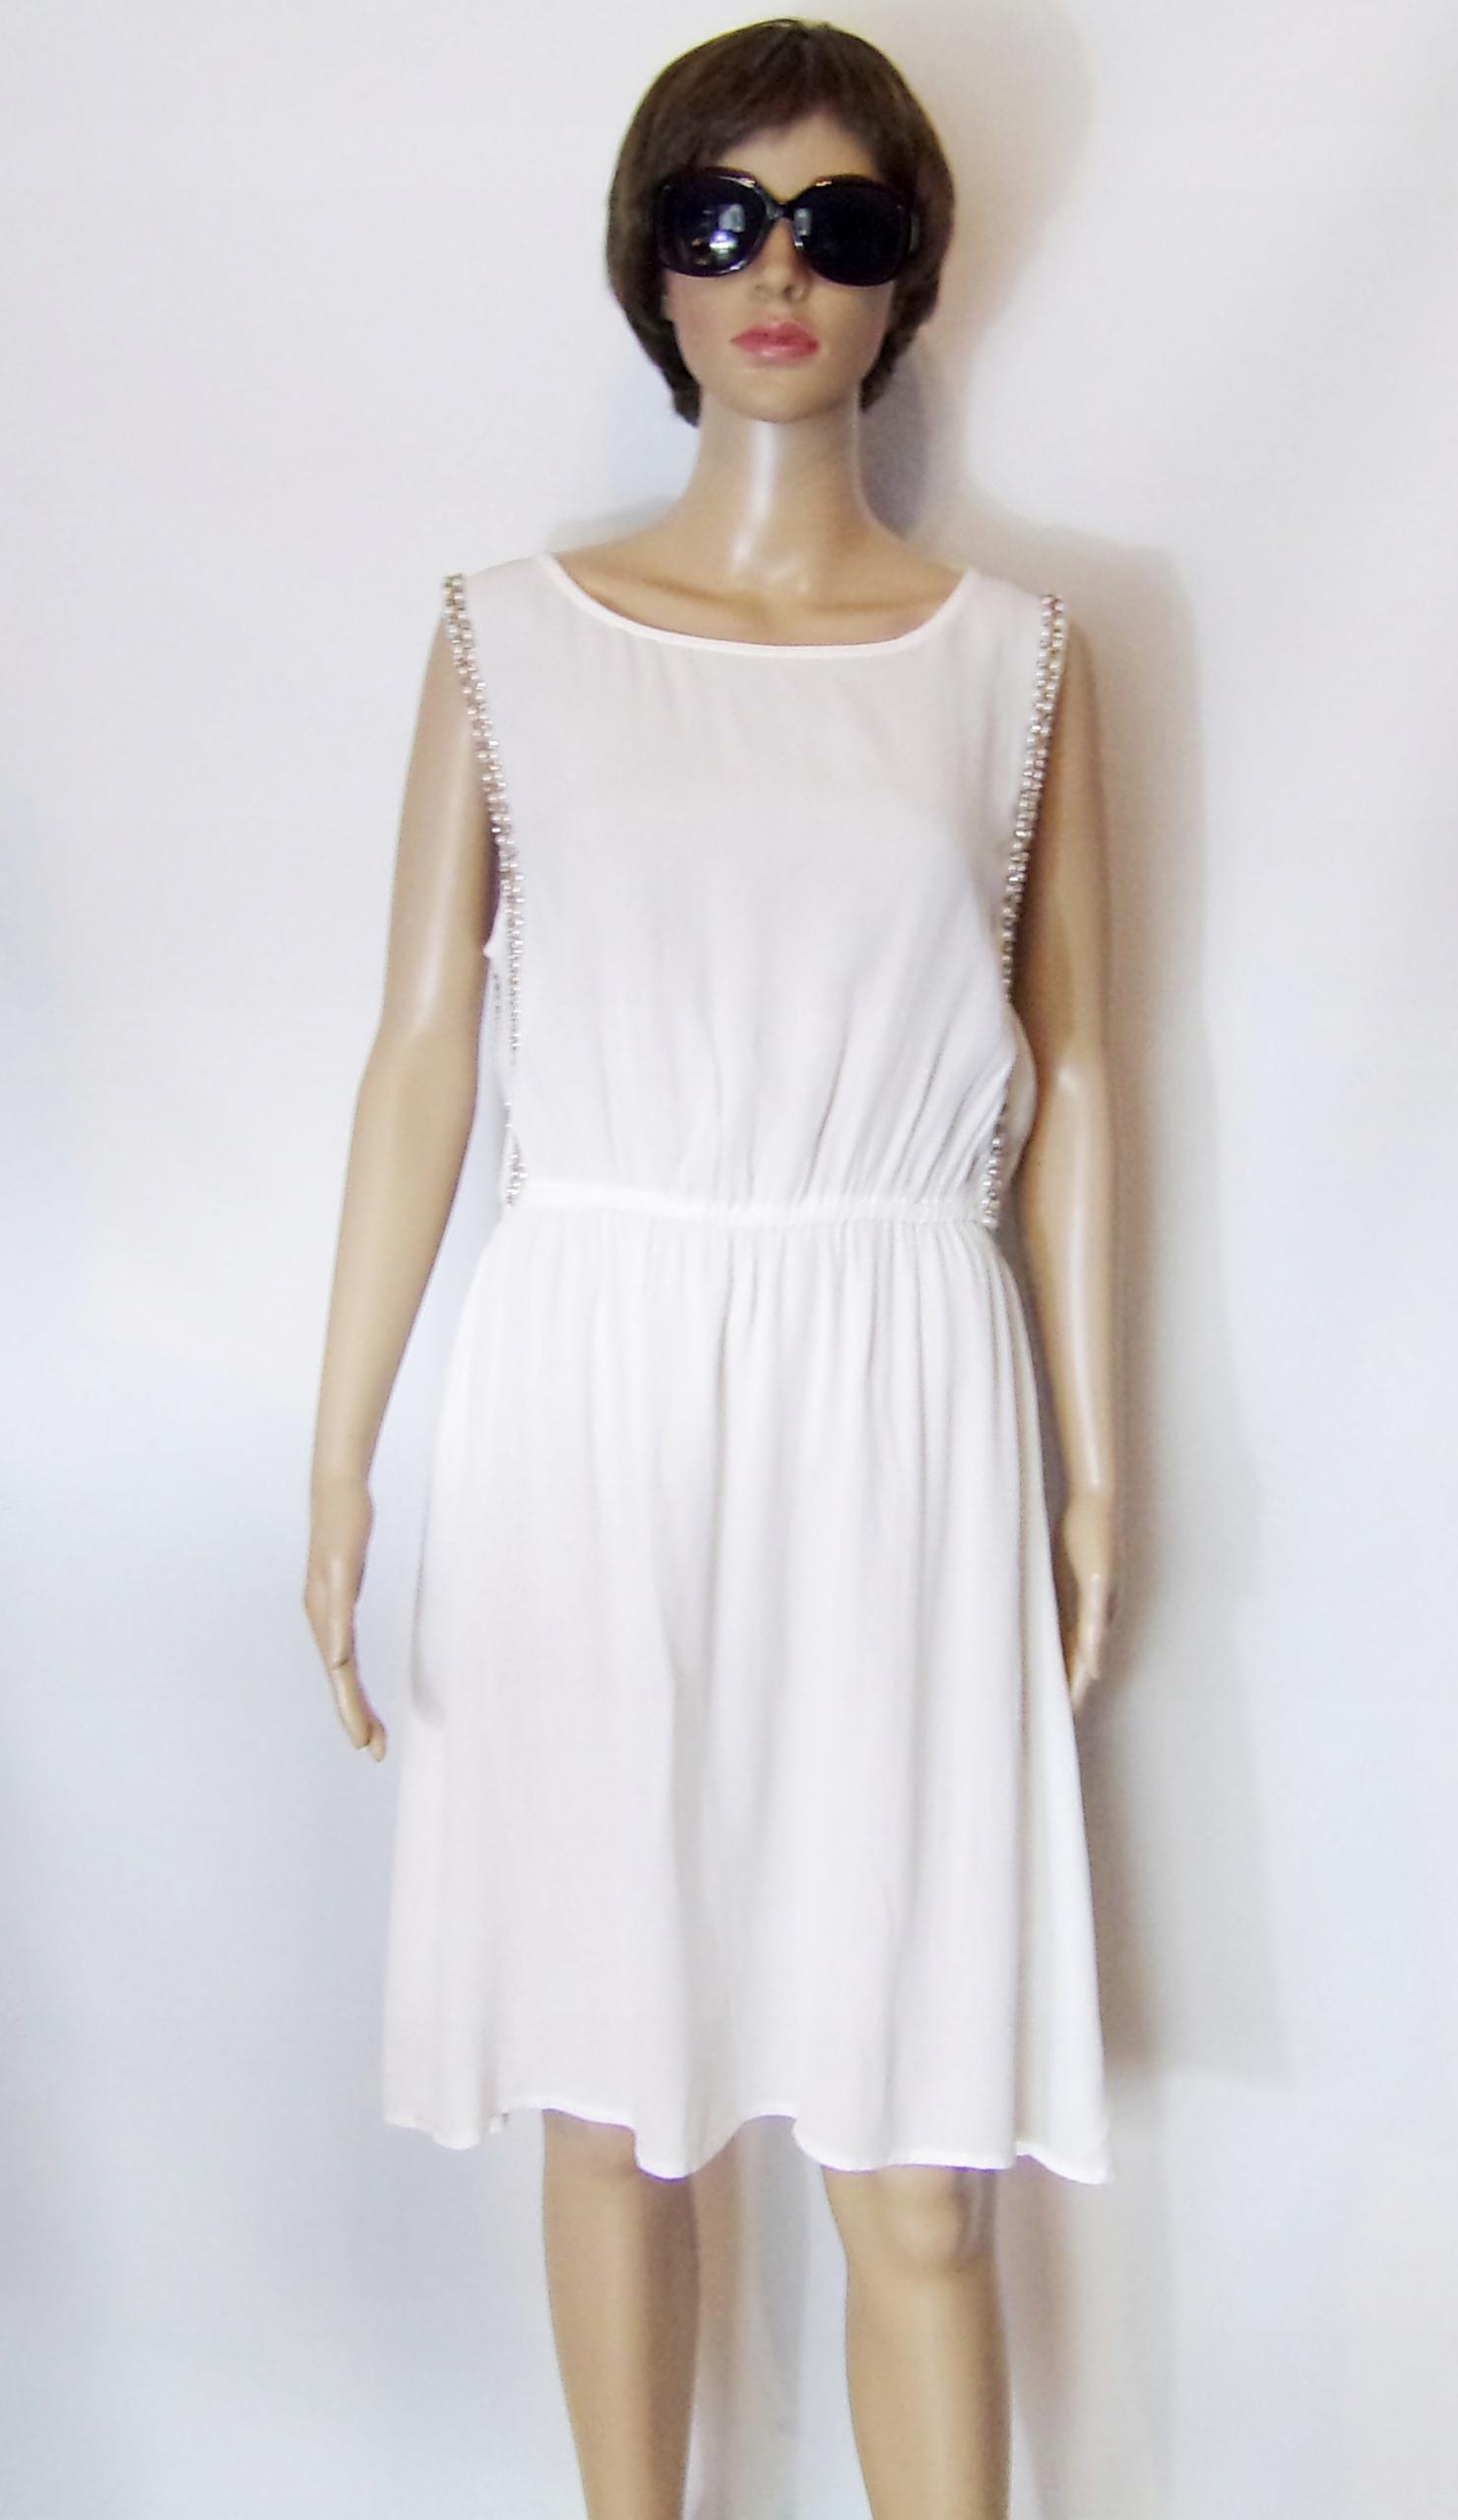 Kappahl biała sukienka perełki kryształki 40/42